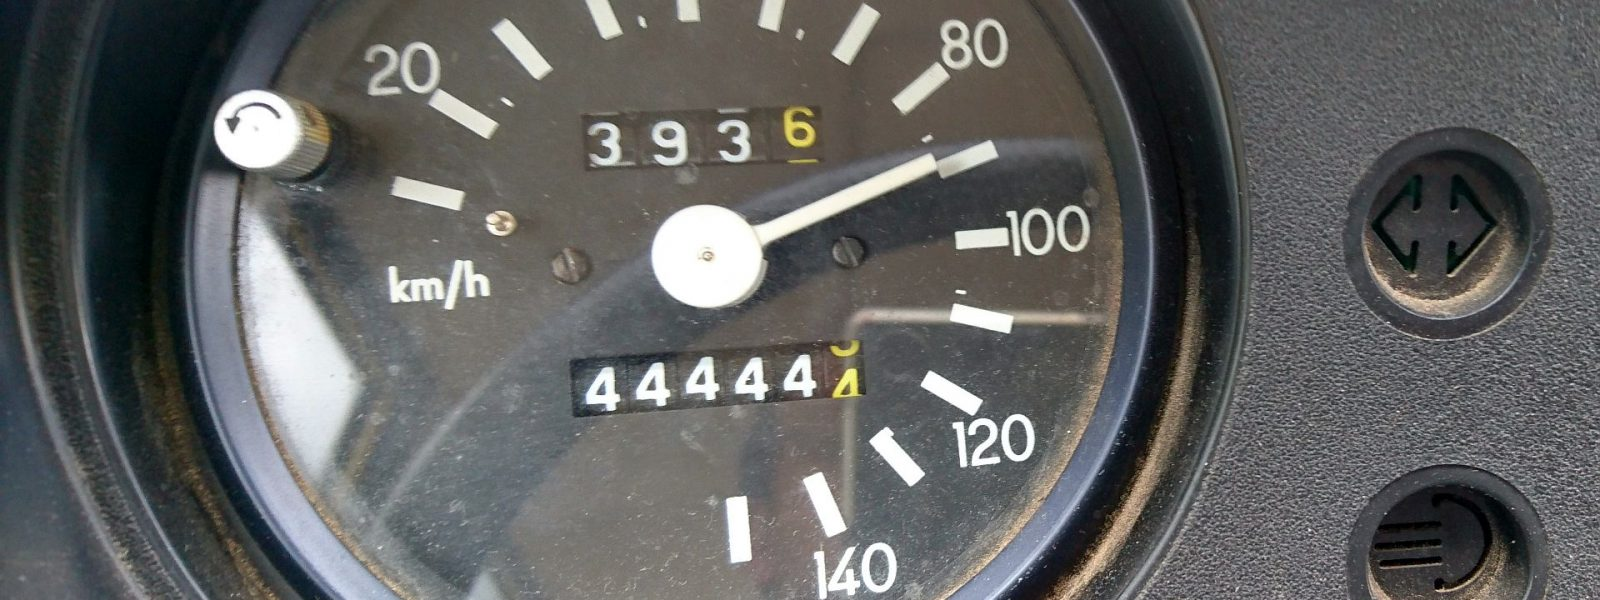 Kilometerstand 44.444,4